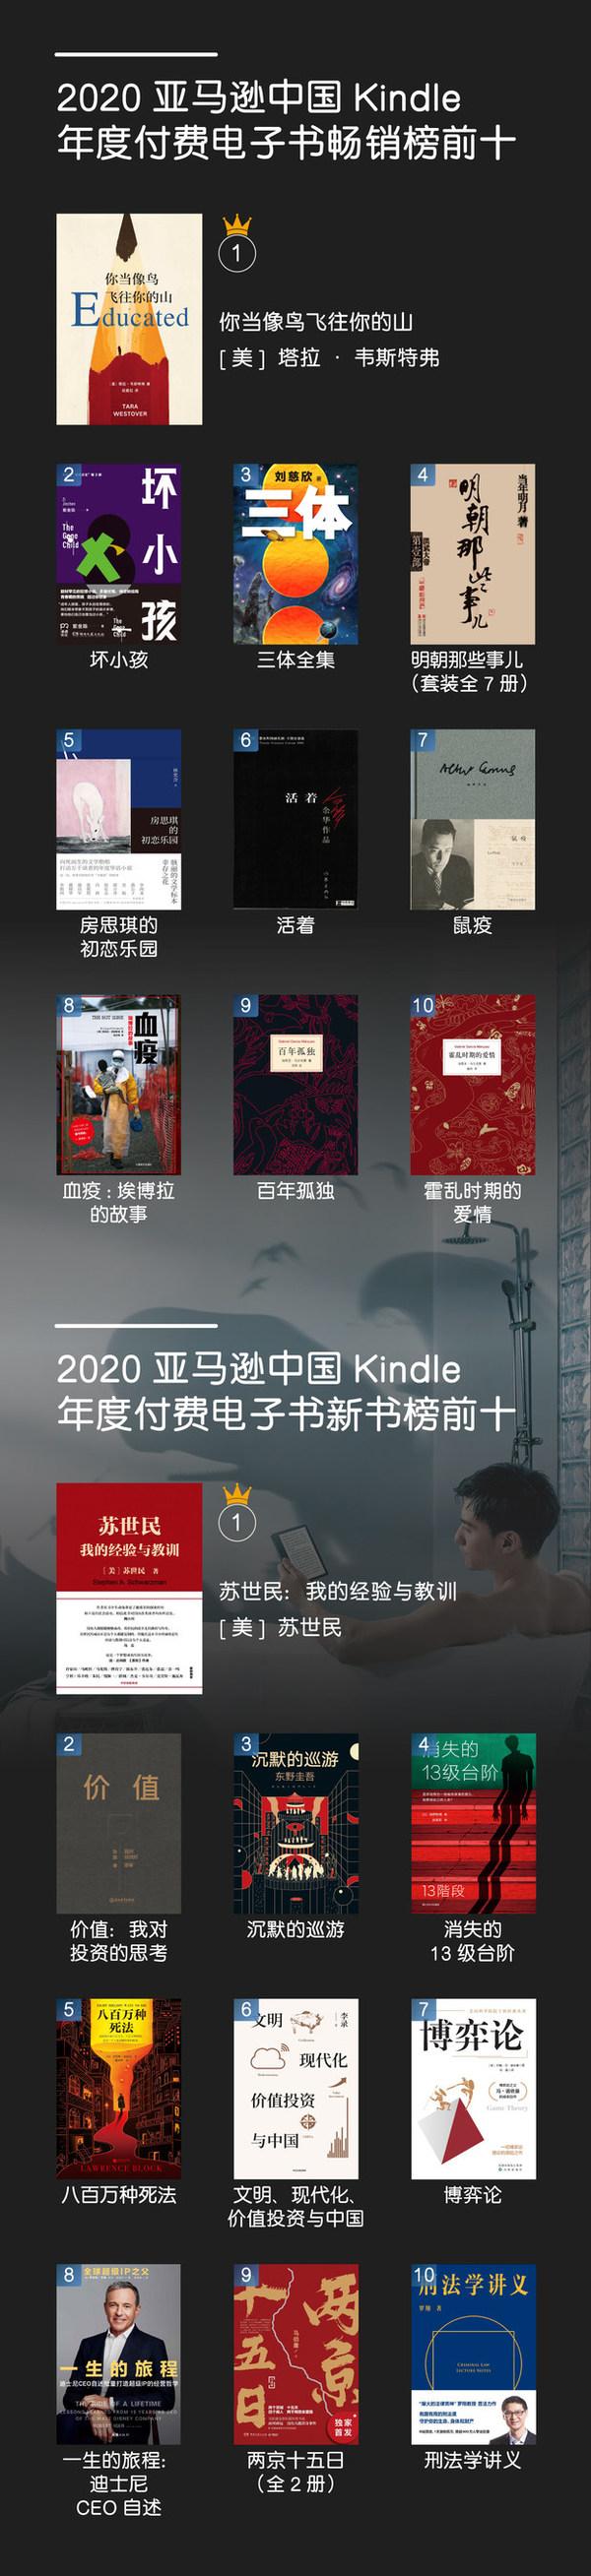 亚马逊中国发布年度Kindle阅读榜单,权威解读2020年中国读者数字阅读趋势与特征。